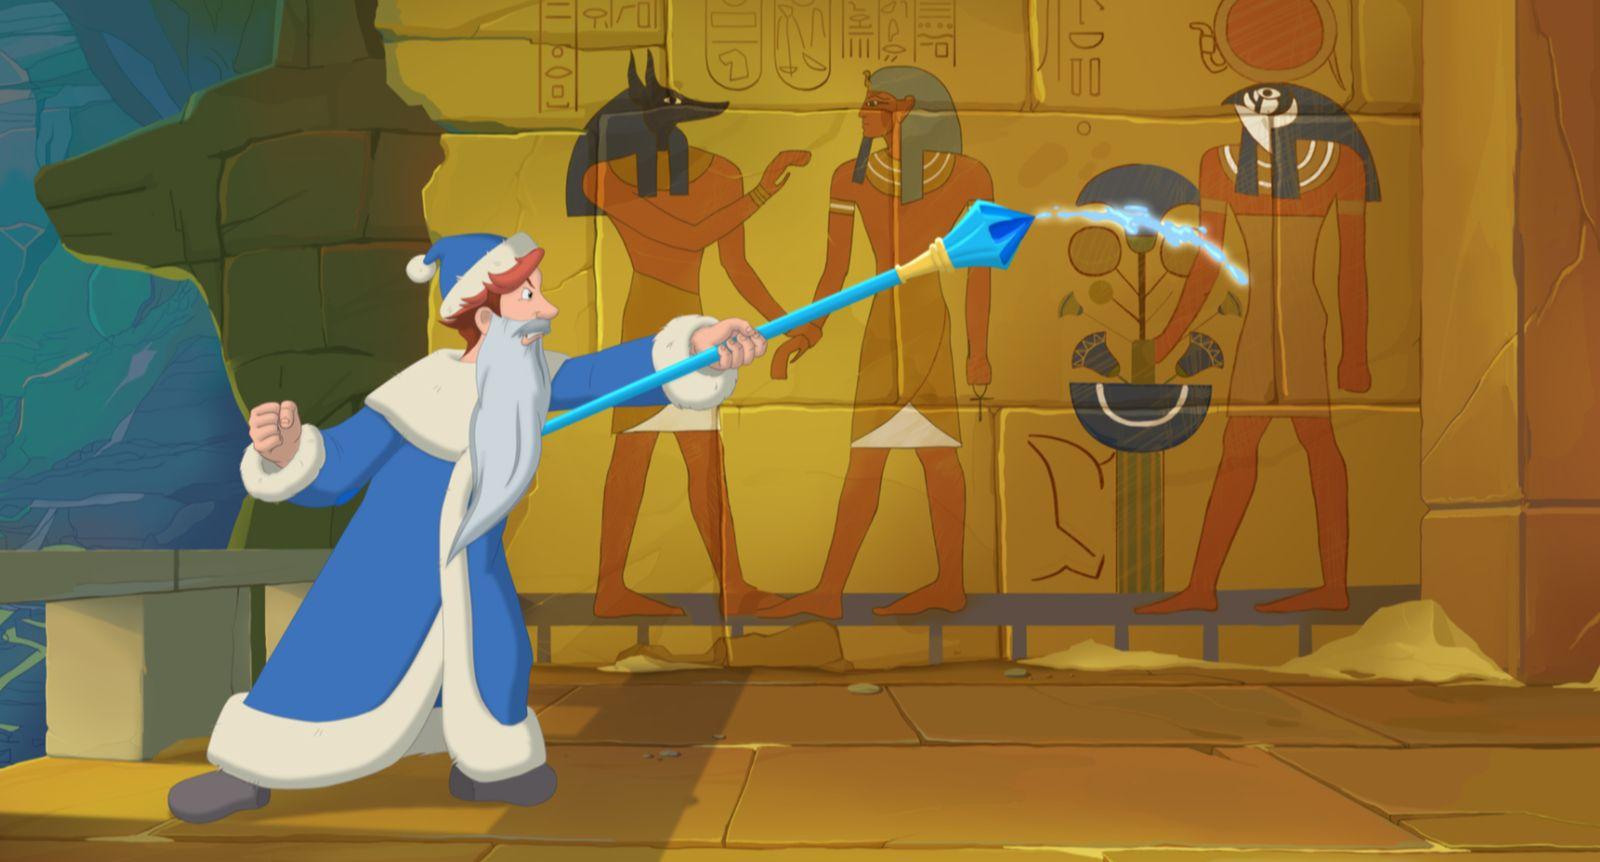 Дом мультфильм 2015 смотреть онлайн бесплатно